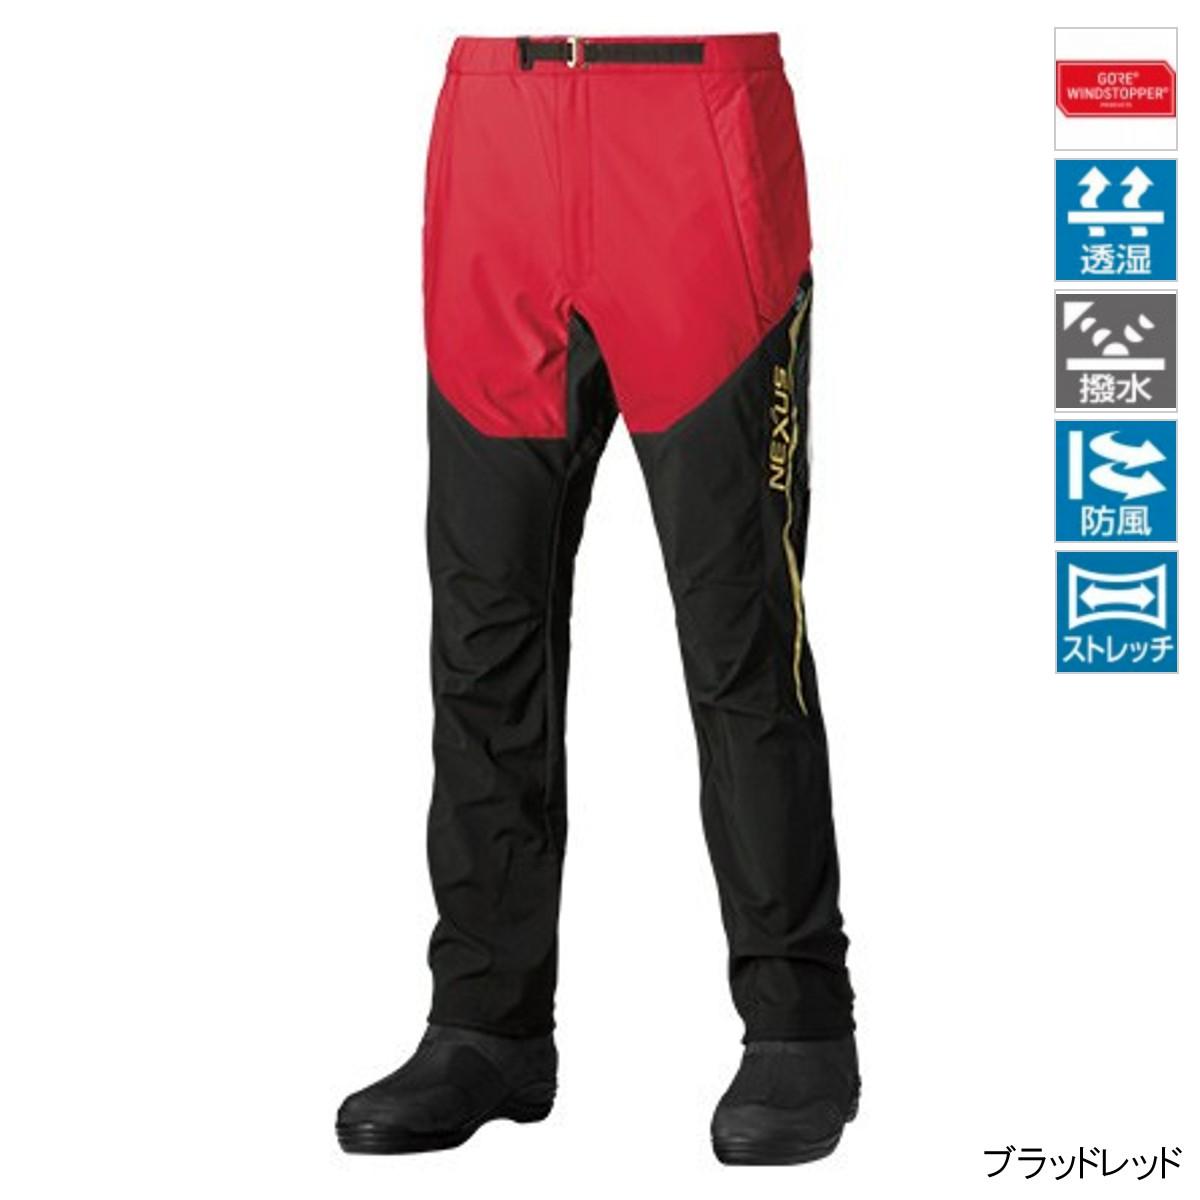 シマノ NEXUS・GORE WINDSTOPPER パンツ LIMITED PRO PA-131R 2XL ブラッドレッド